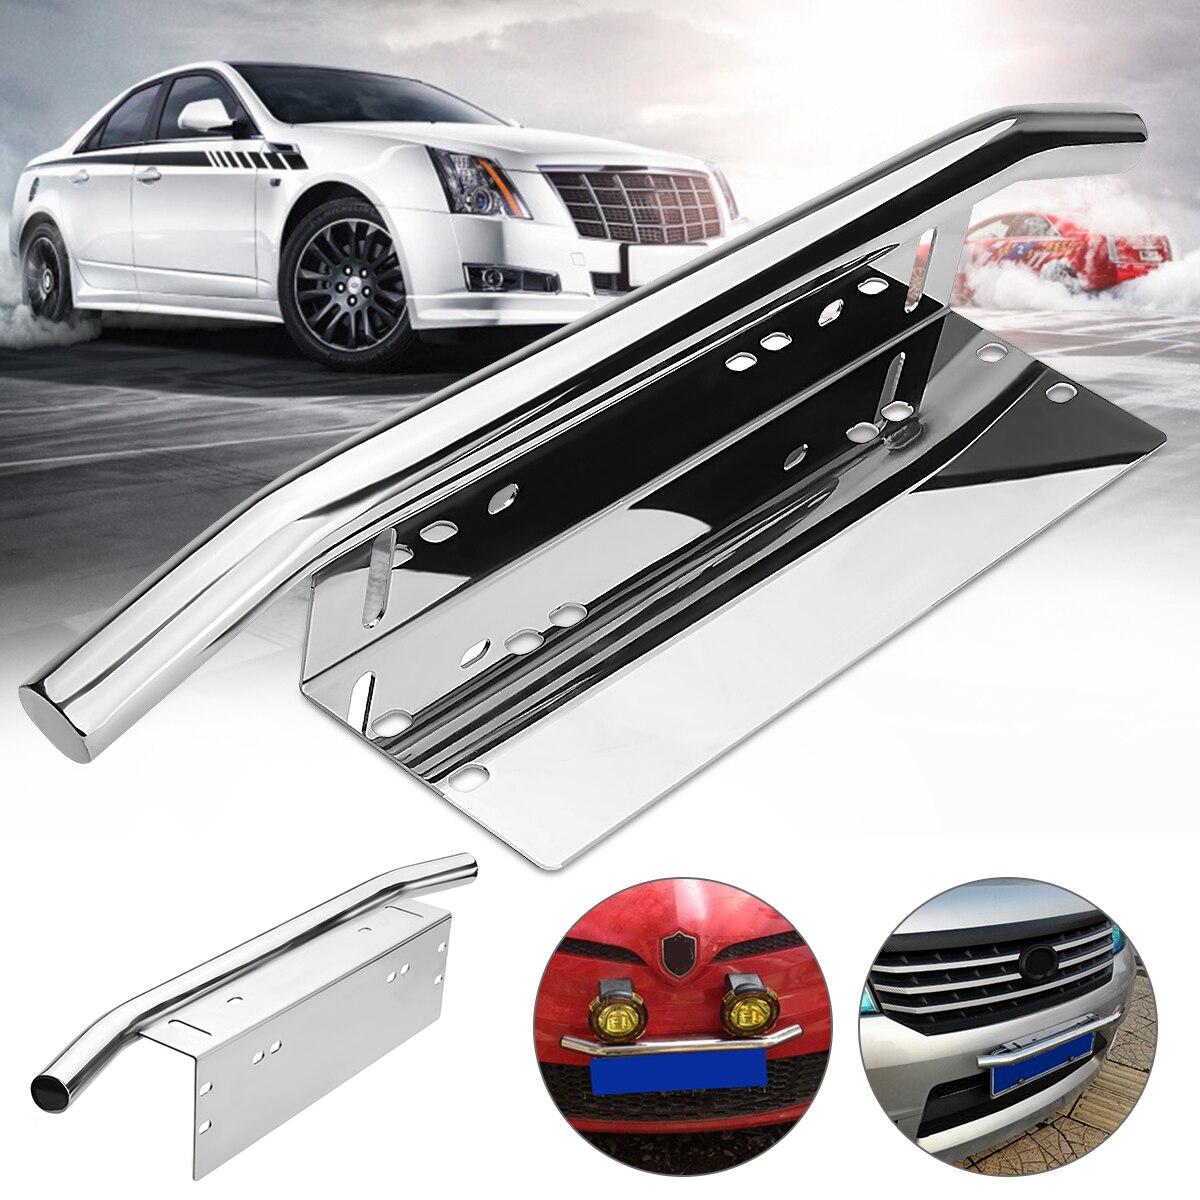 Серебристый автомобиль быка бар светильник Монтажный кронштейн для номерного знака автомобиля, рамка пурпурного цвета держатель 59,5x9,8 см